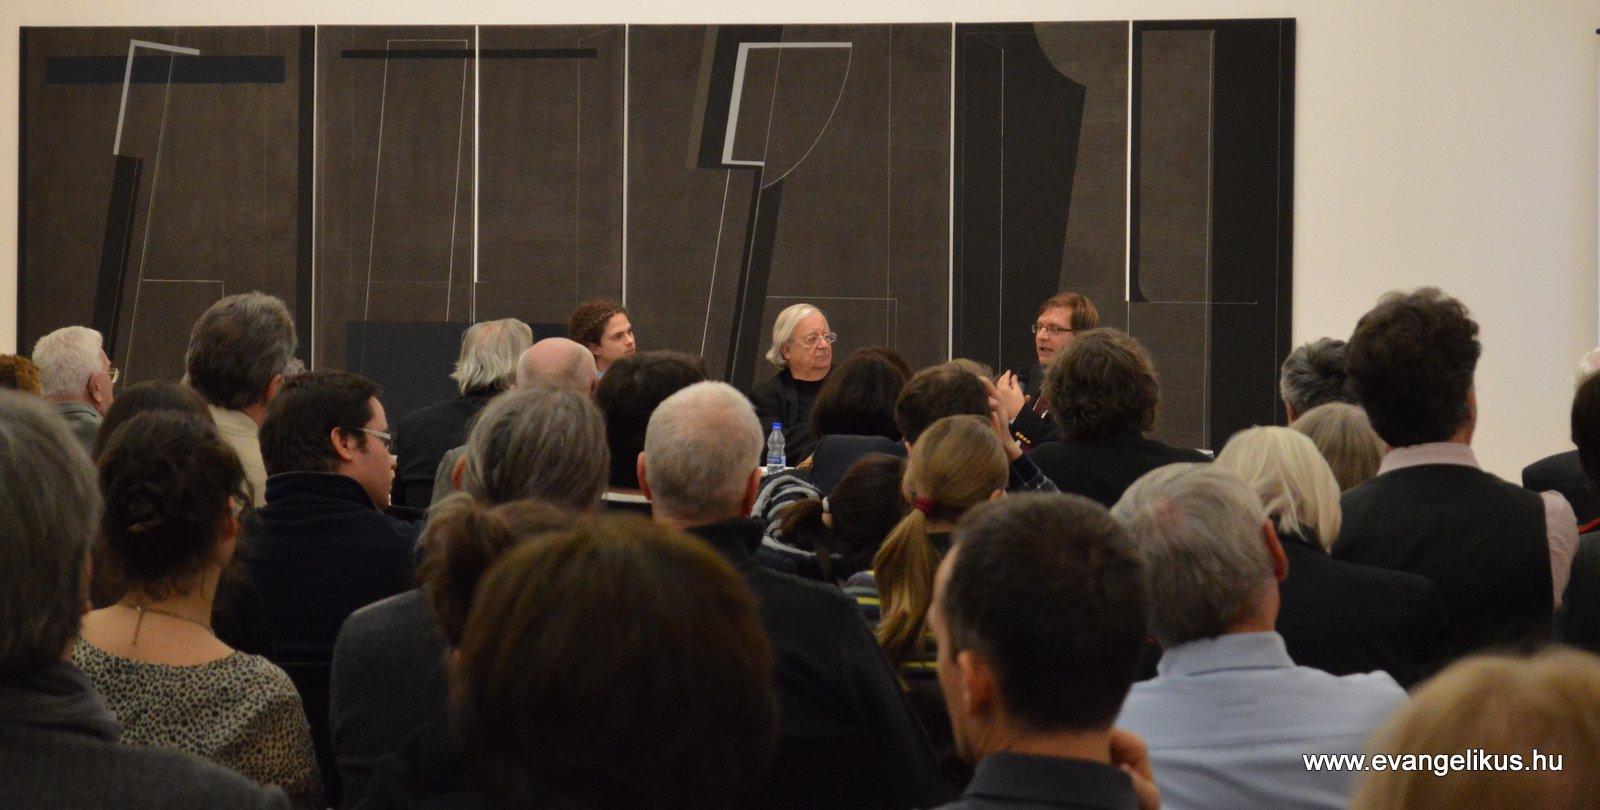 Konok Tamás és Fabiny Tamás disputájával új sorozat indult a Ludwig Múzeumban